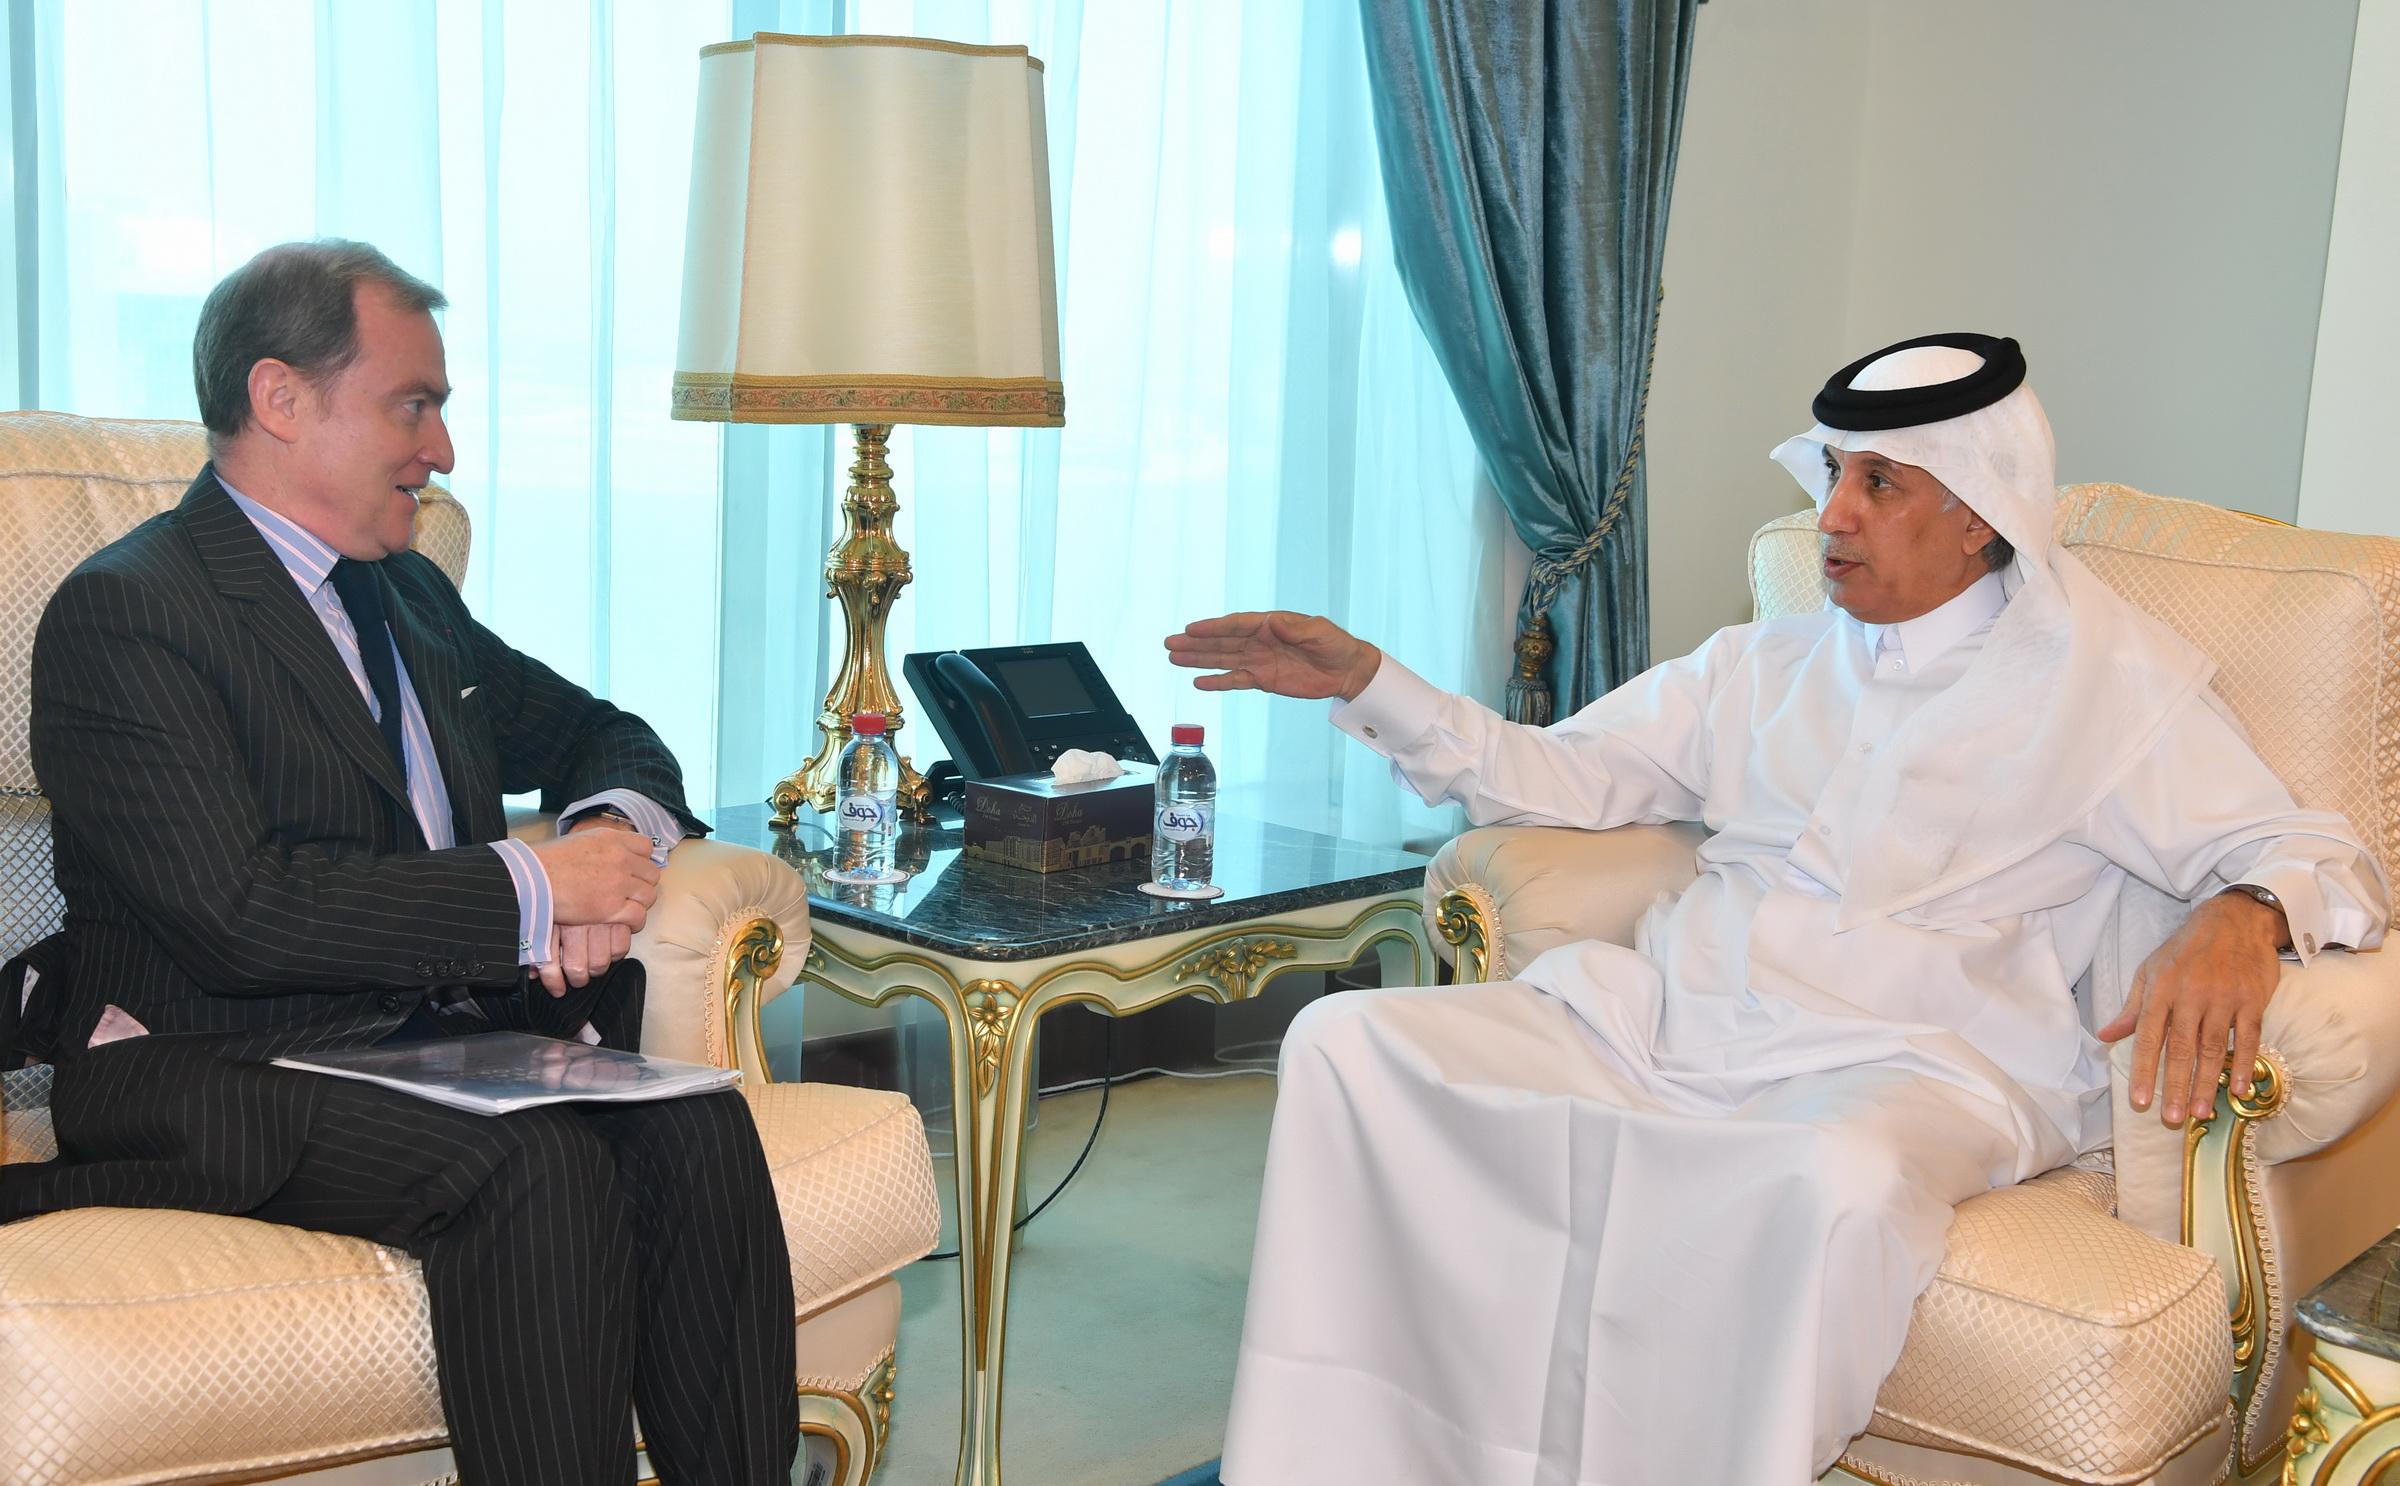 وزير الدولة للشؤون الخارجية يجتمع مع السفير الفرنسي